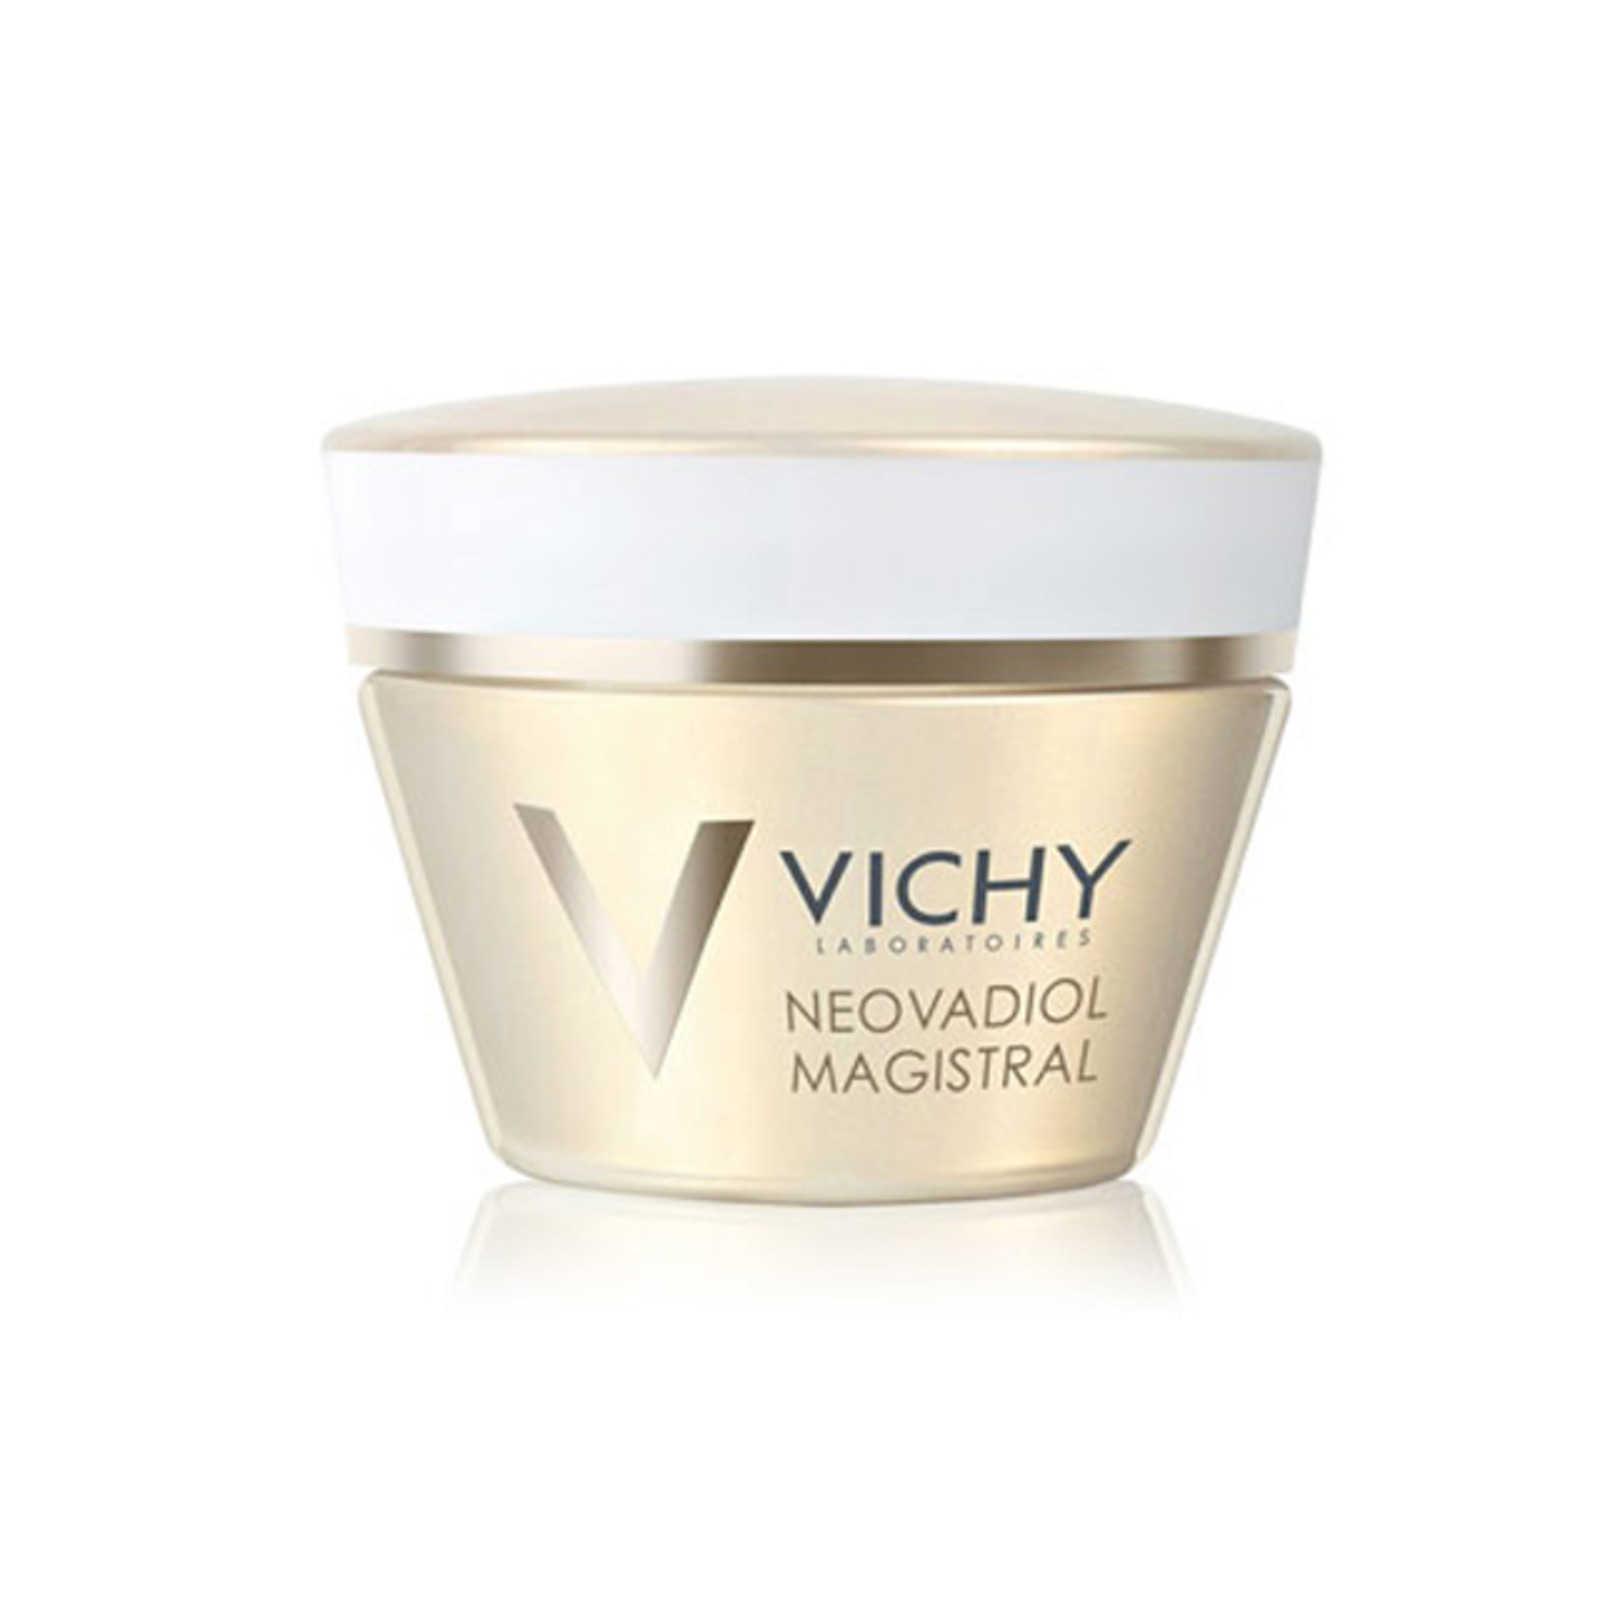 Vichy - Balsamo Densificante Nutriente - Neovadiol Magistral